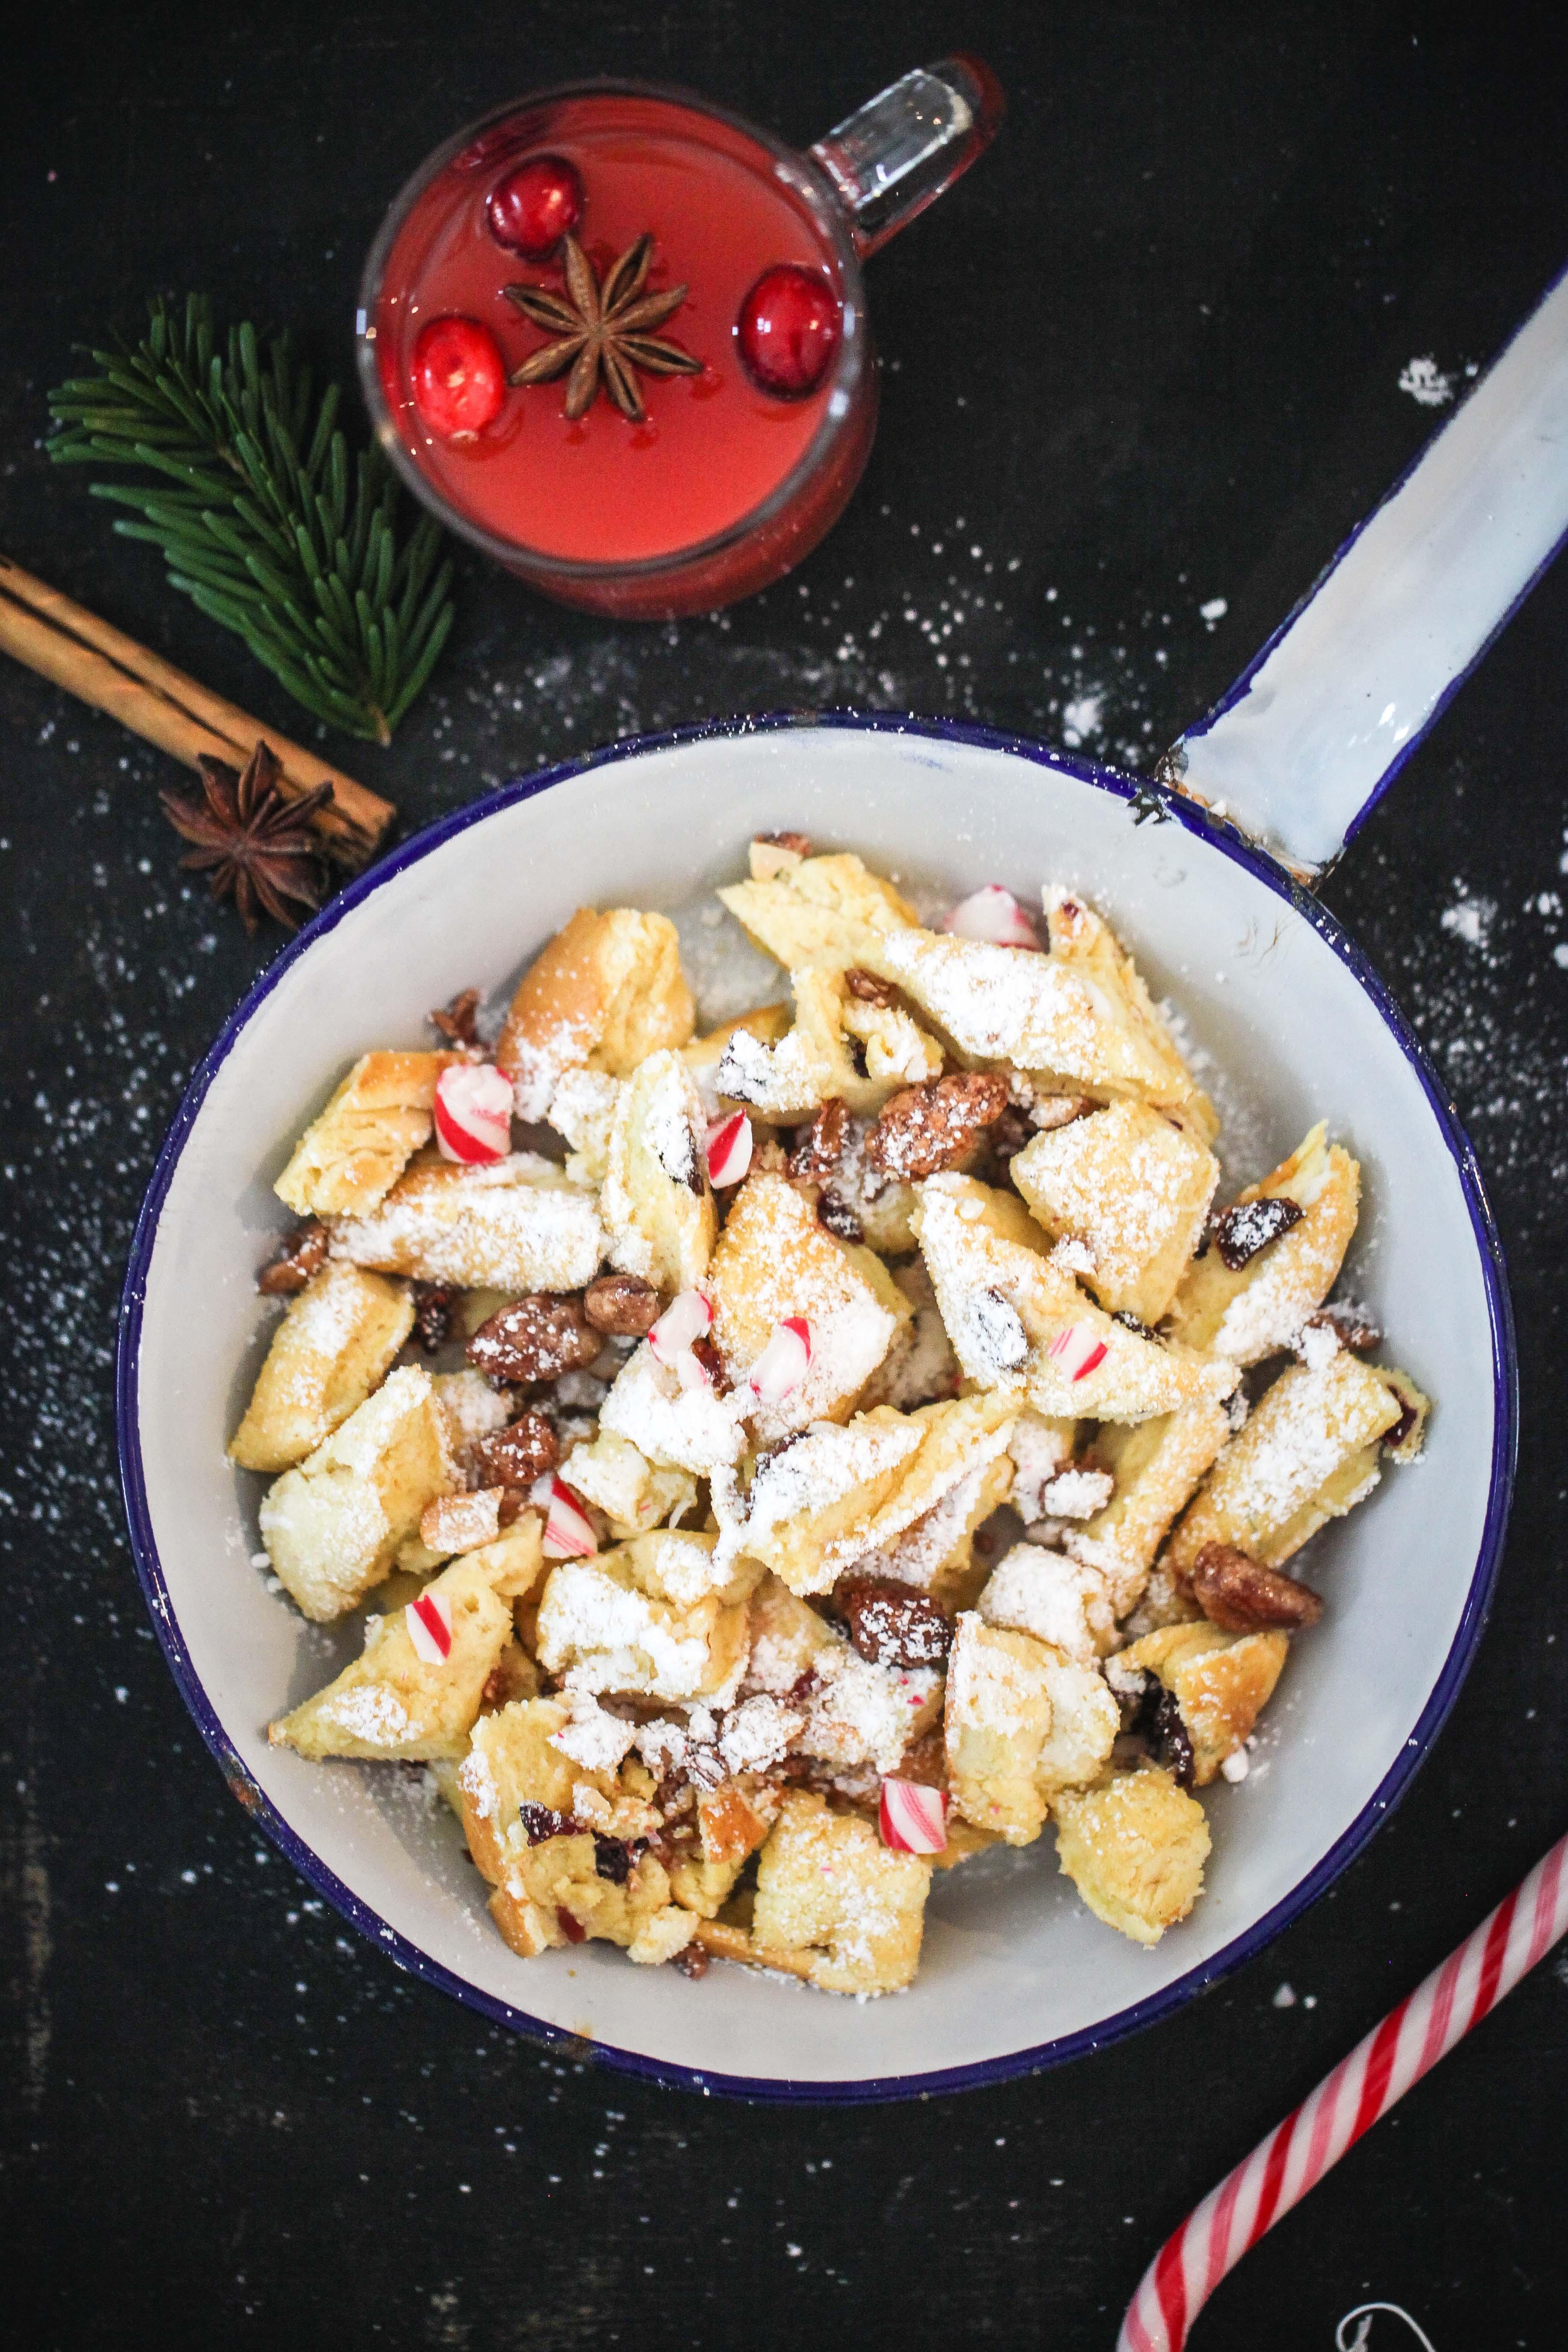 Rezept für Weihnachtsschmarrn Kaiserschmarrn mit Cranberries und gebrannten Mandeln Zuckerzimtundliebe Foodblog Backblog